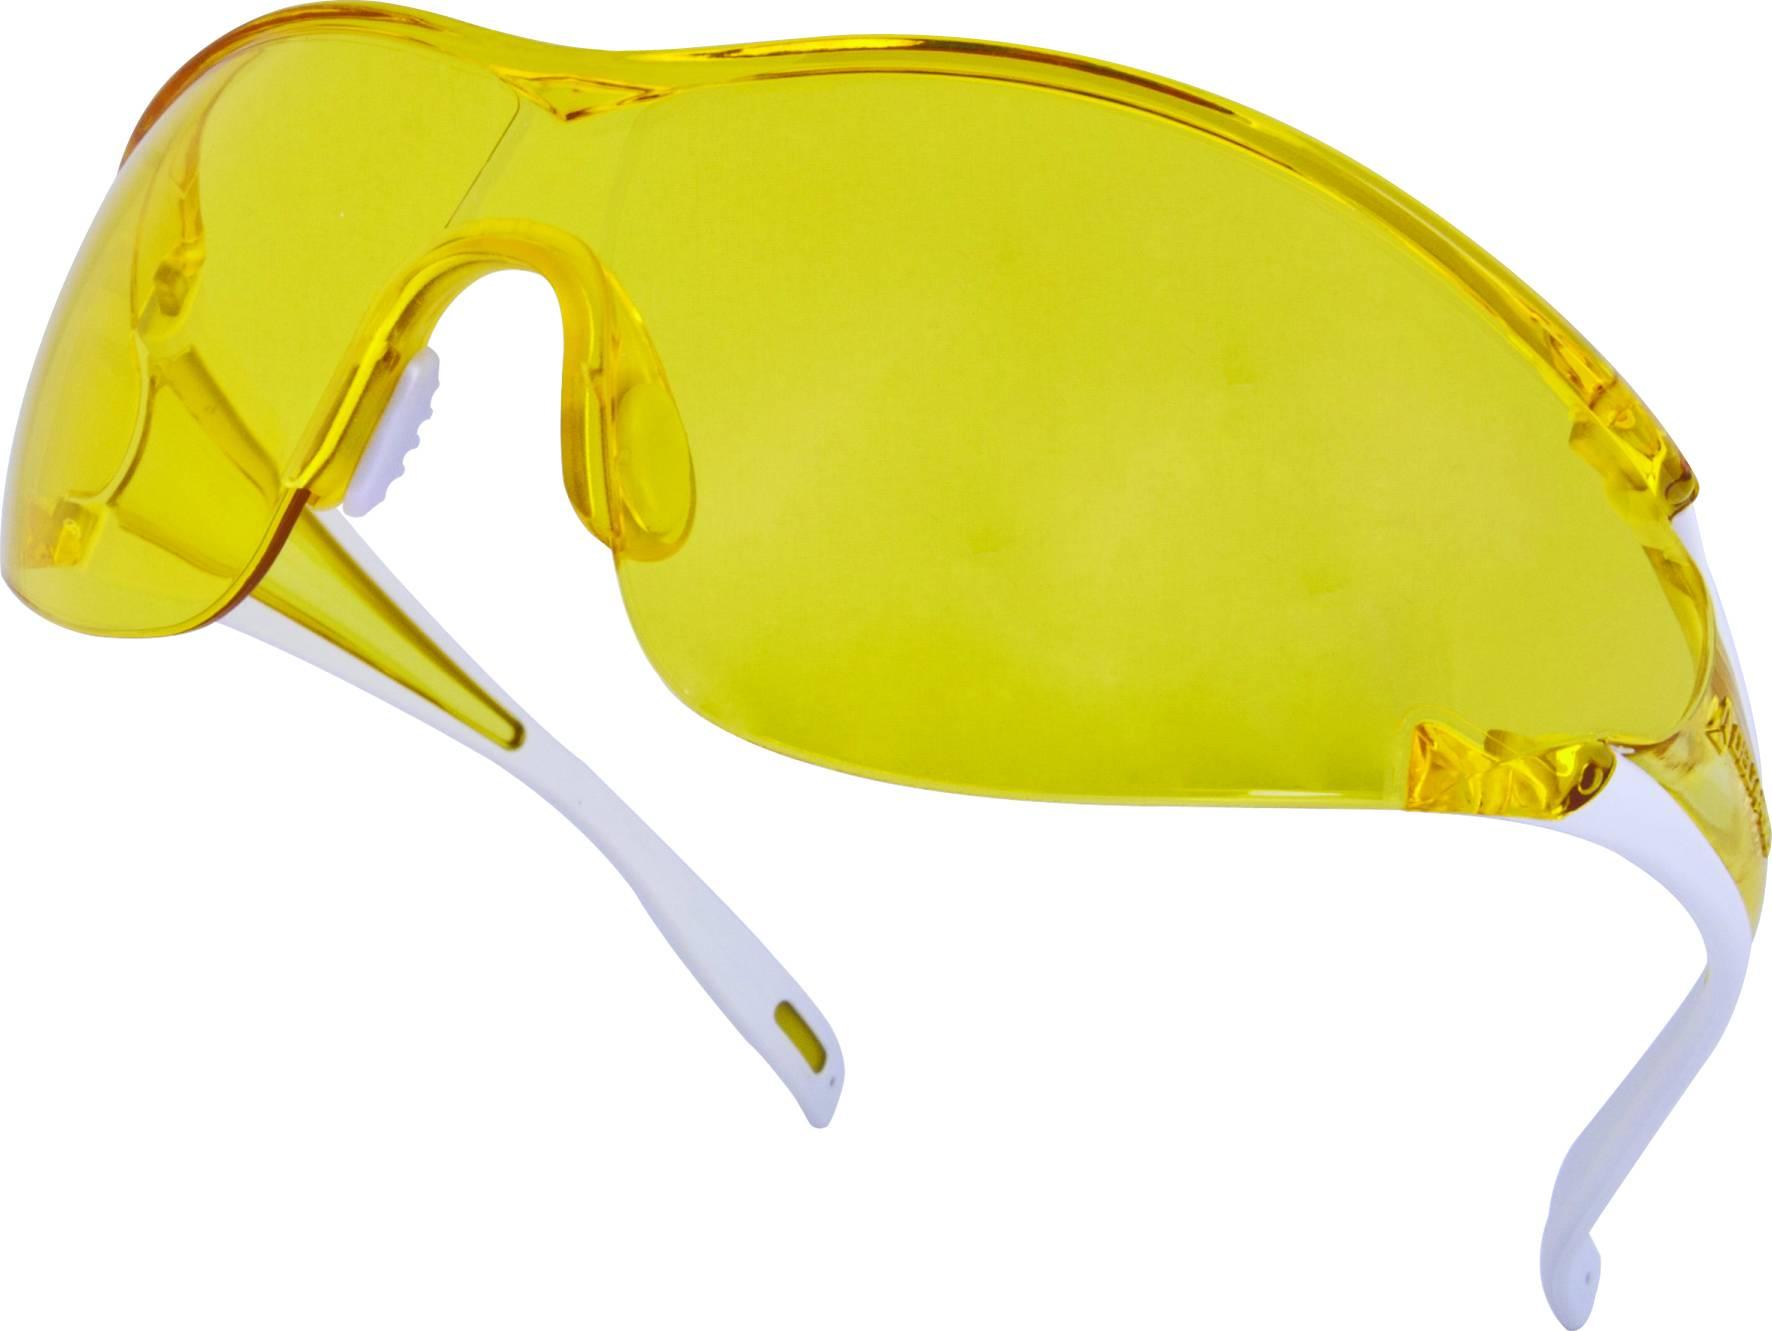 Egon yellow